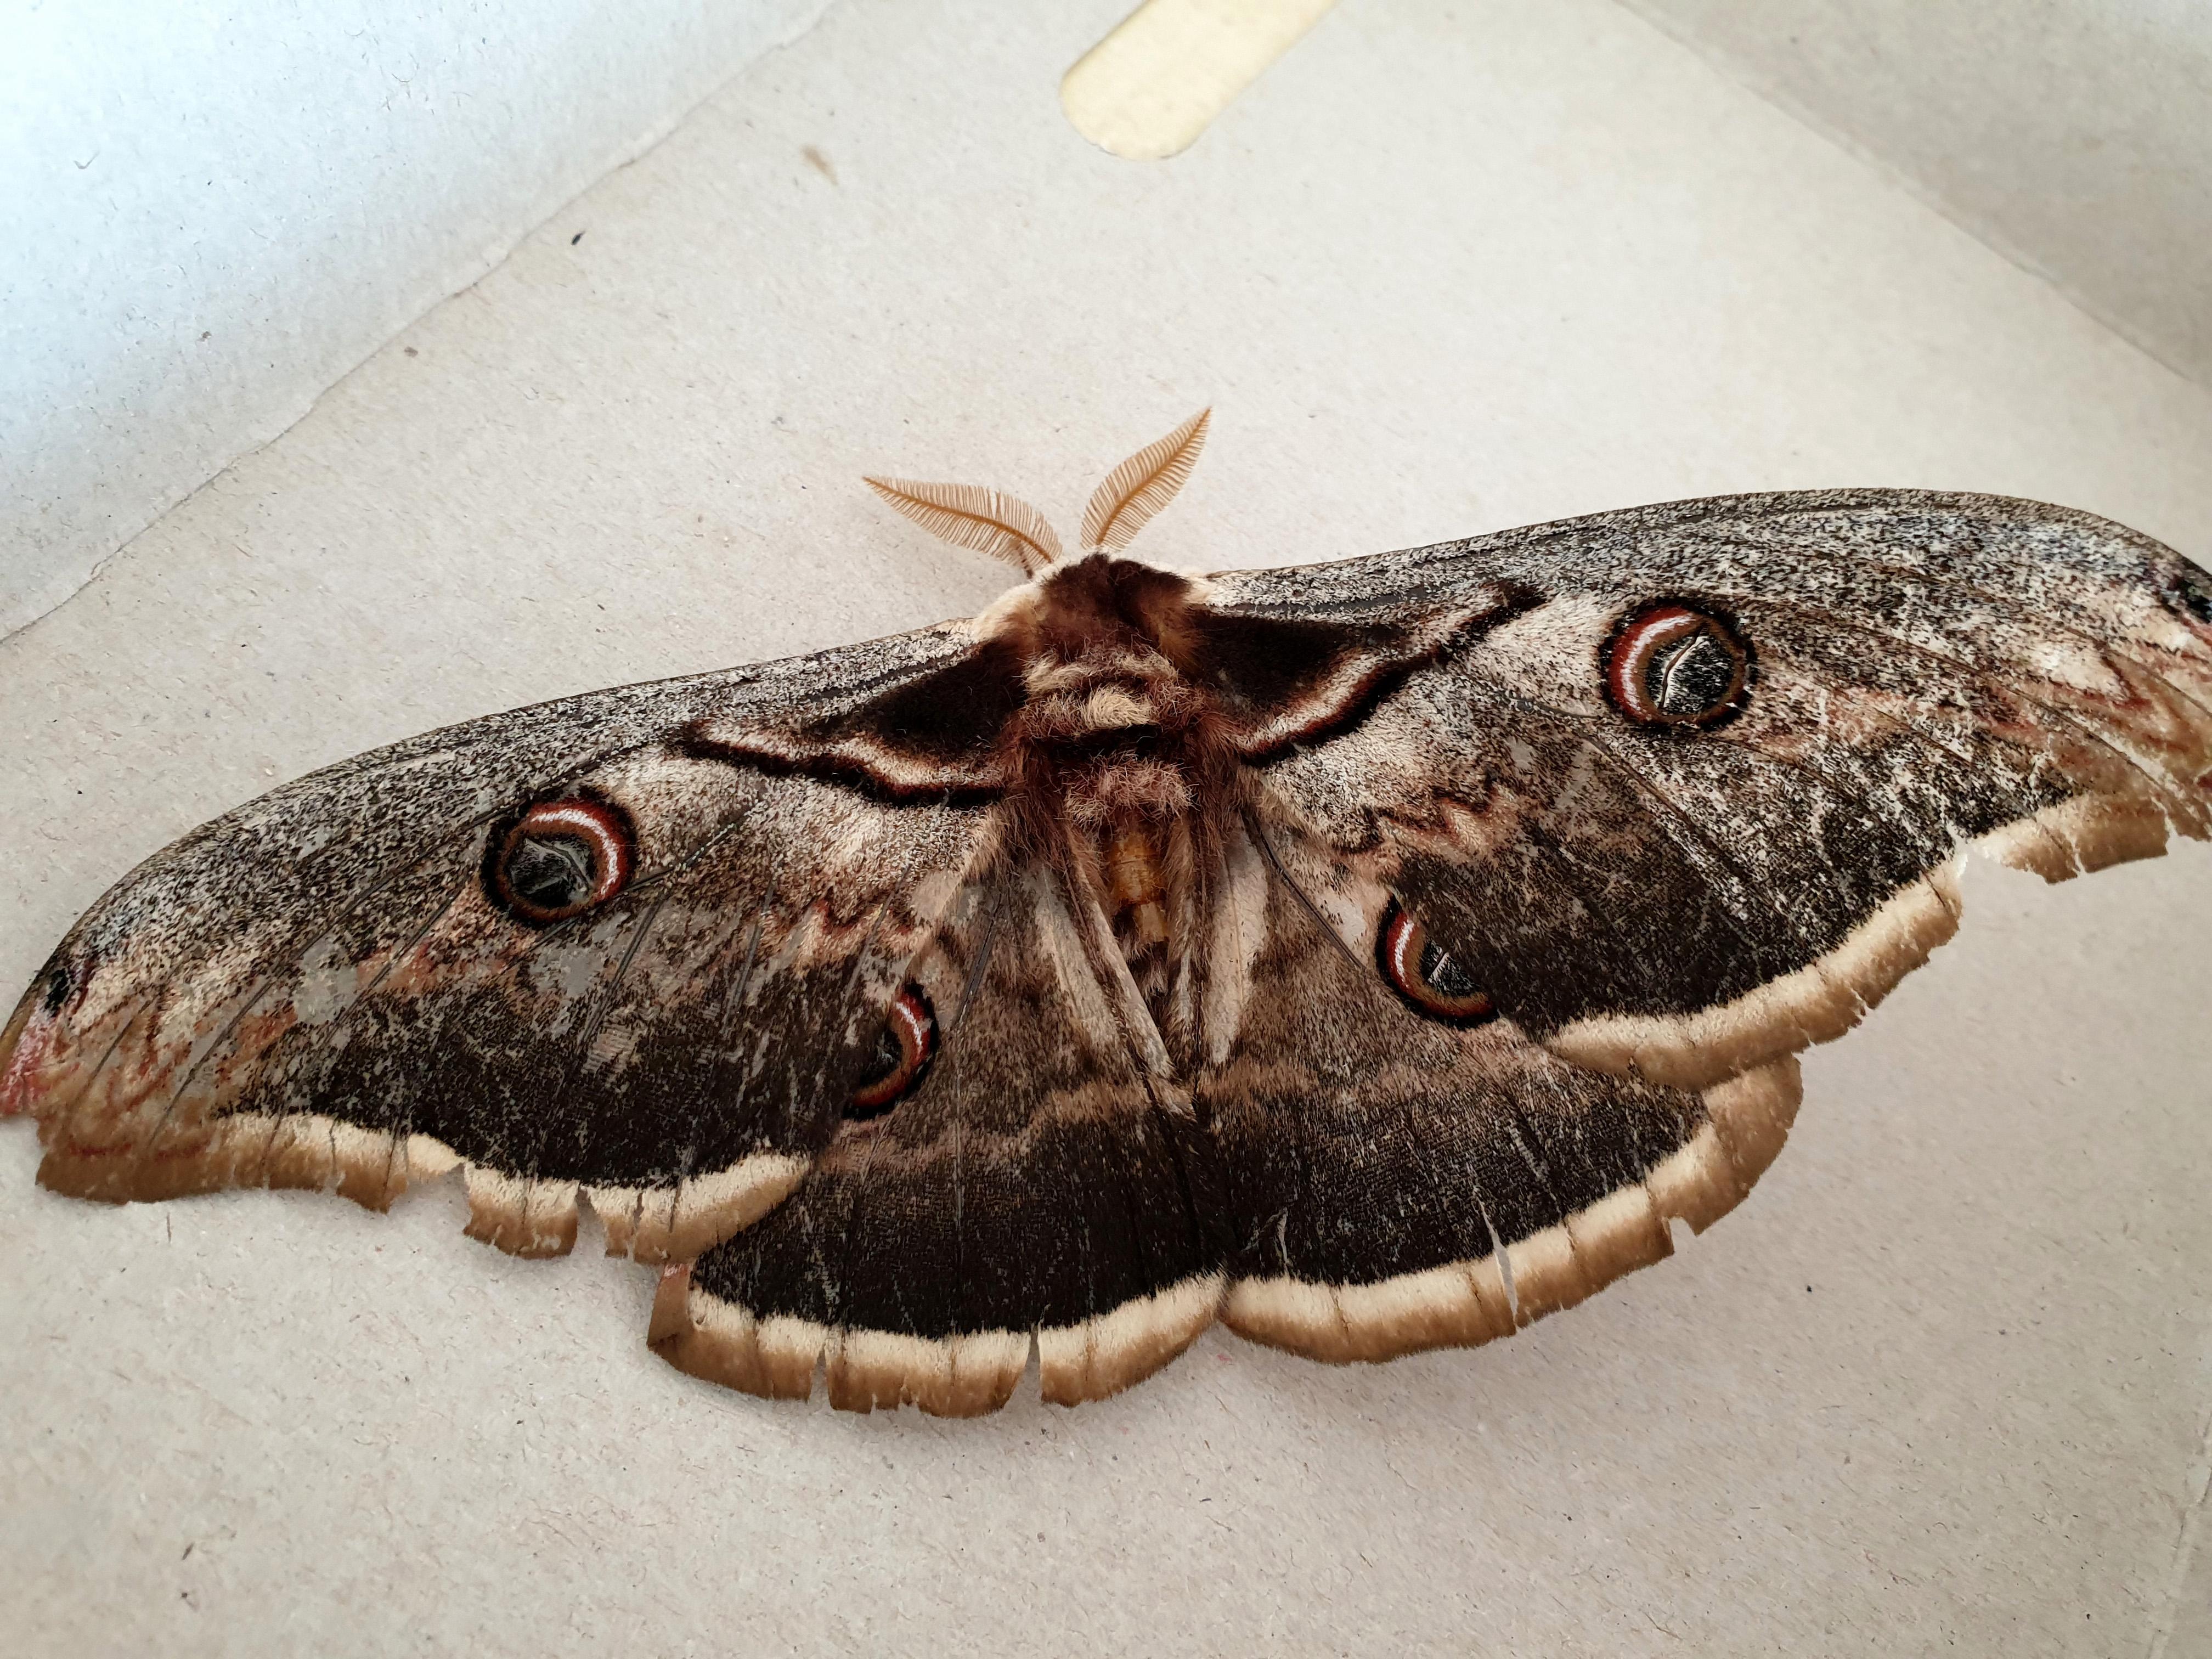 Güzelliği ile büyüledi! Osmaniye'de tavus kelebeği bulundu